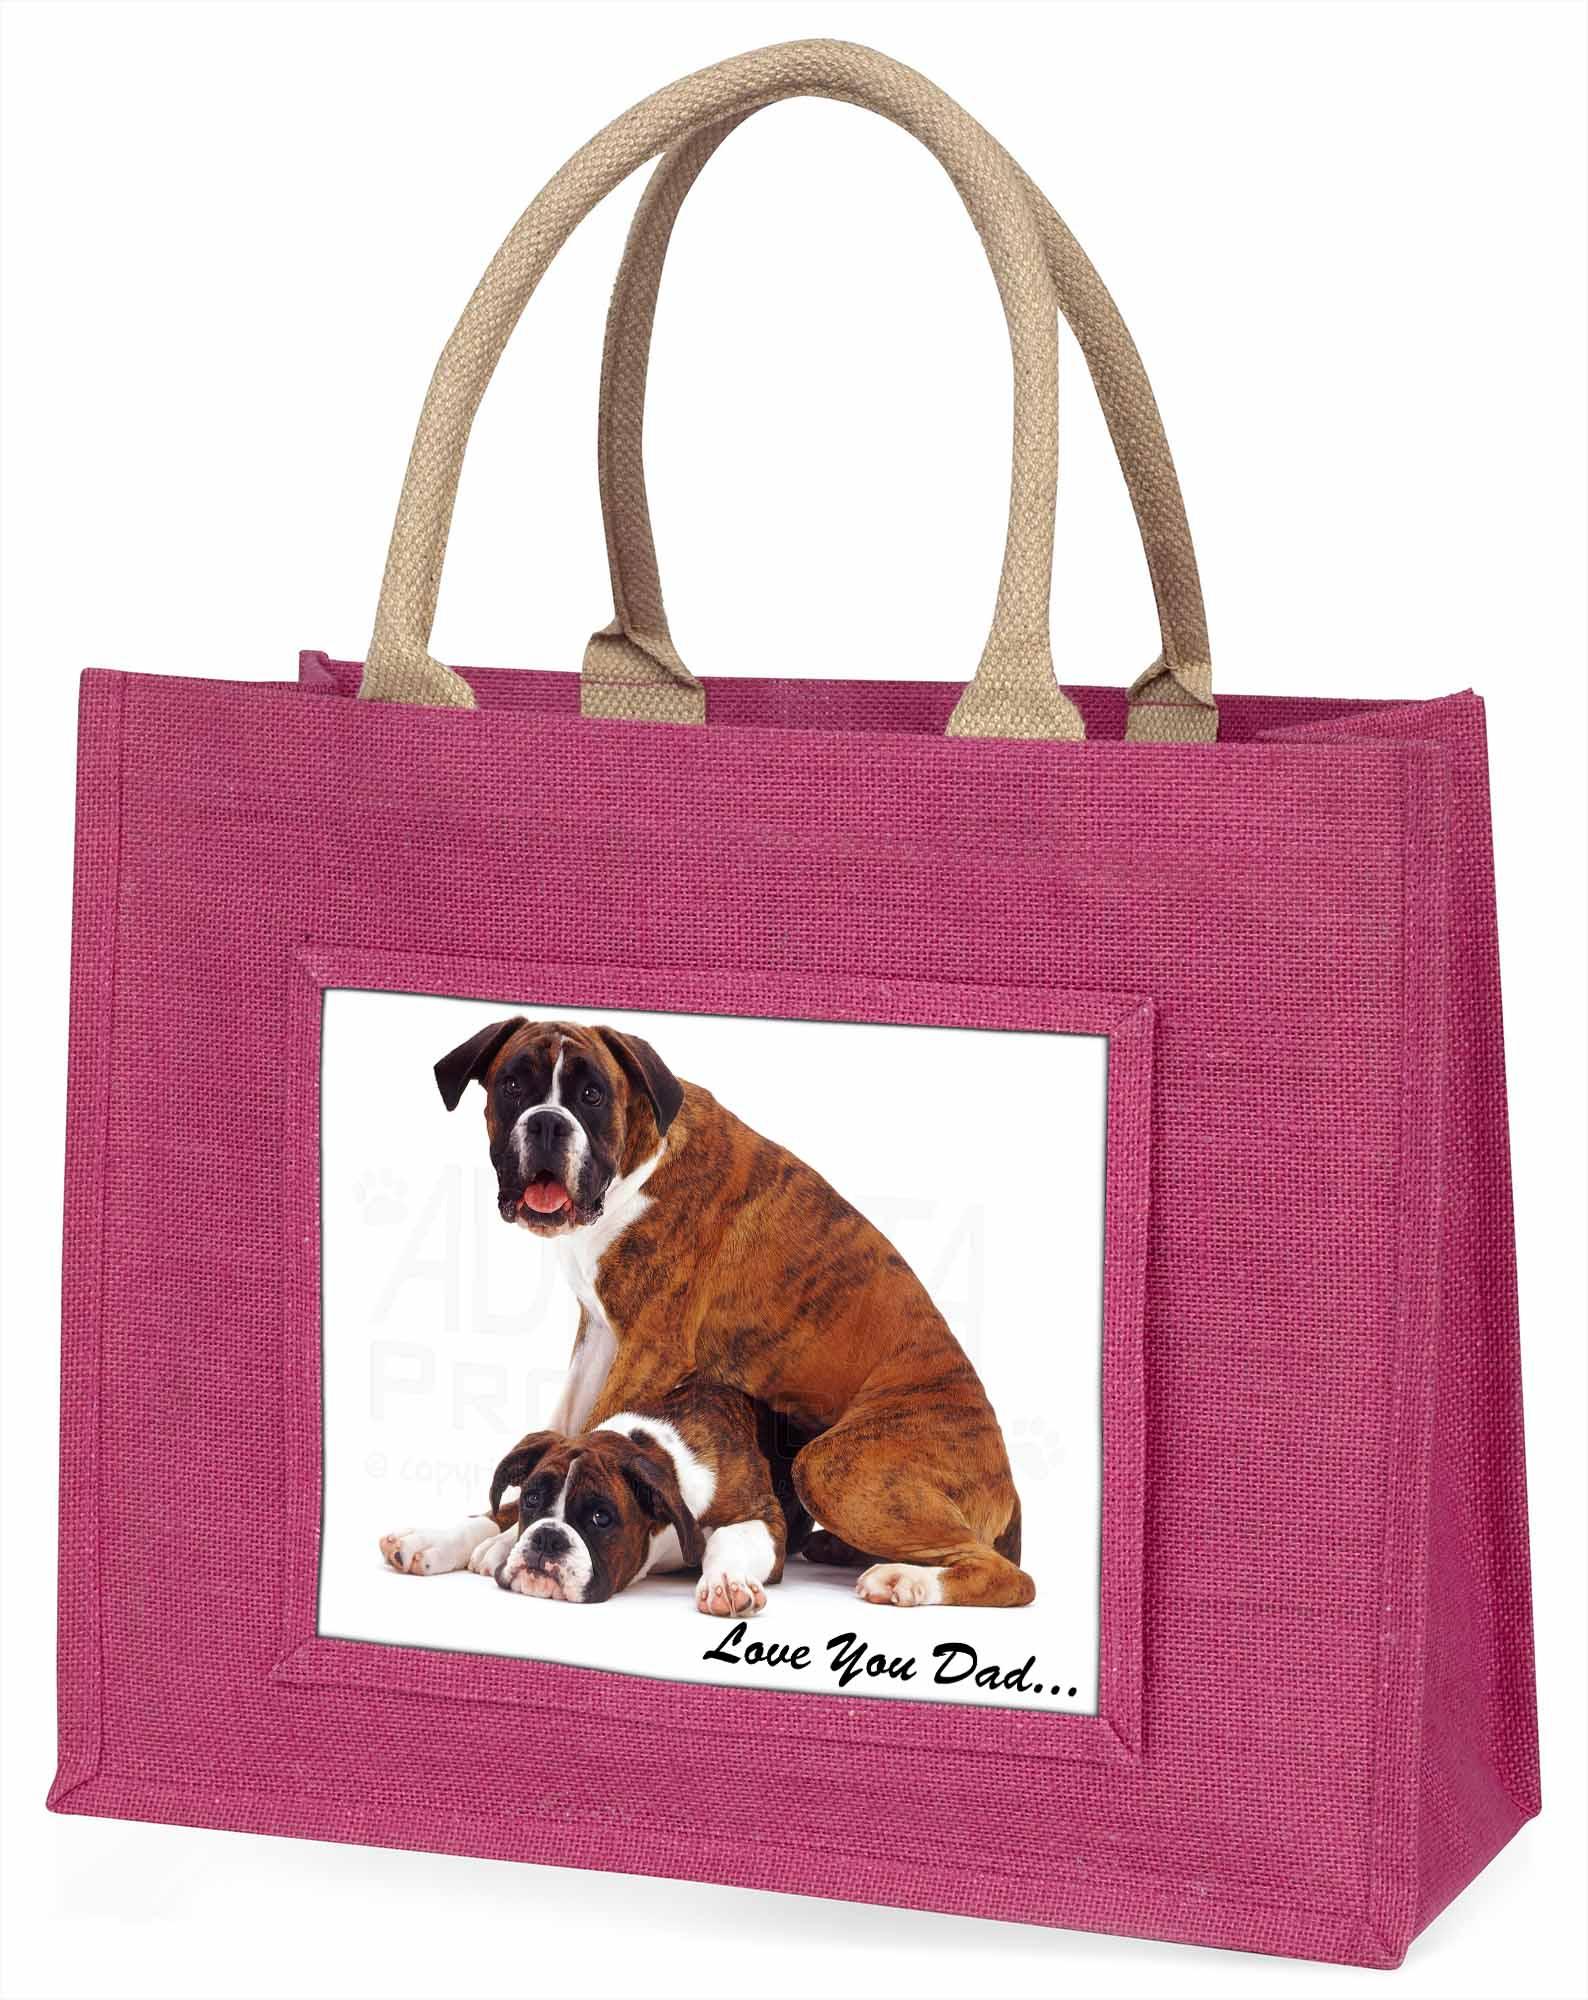 Boxer' liebe Dich Papa' Stimmung große rosa Einkaufstasche WEIHNACHTEN